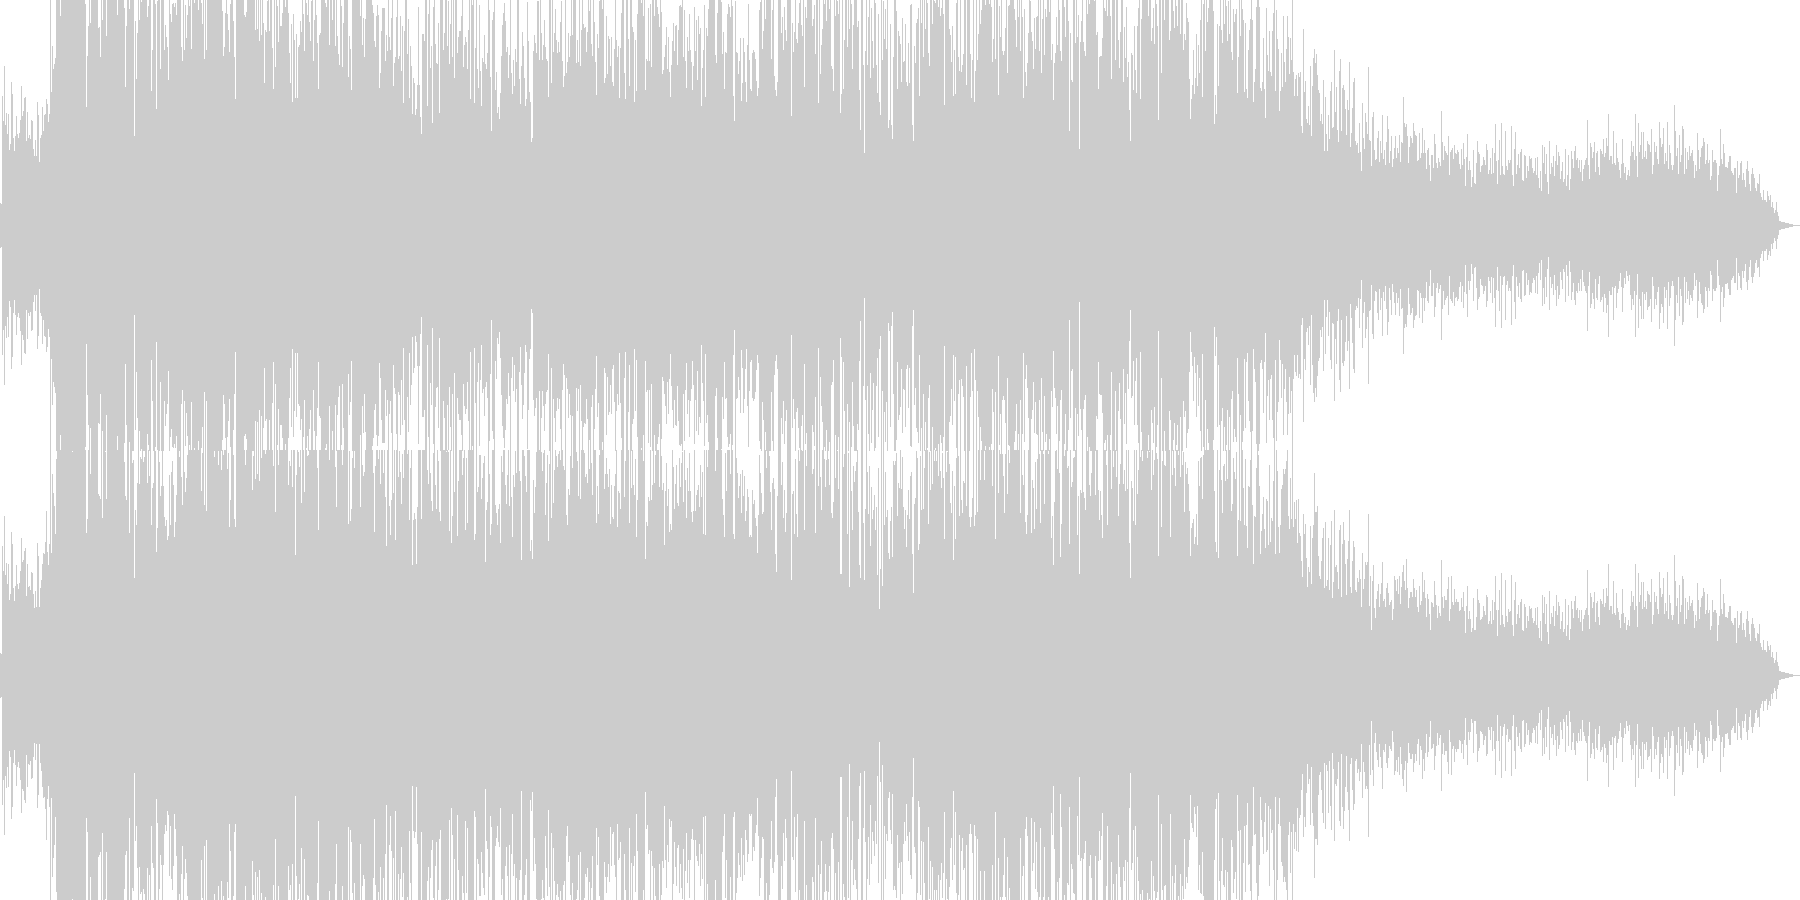 爆発/落雷から電気が迸るイメージの音の未再生の波形